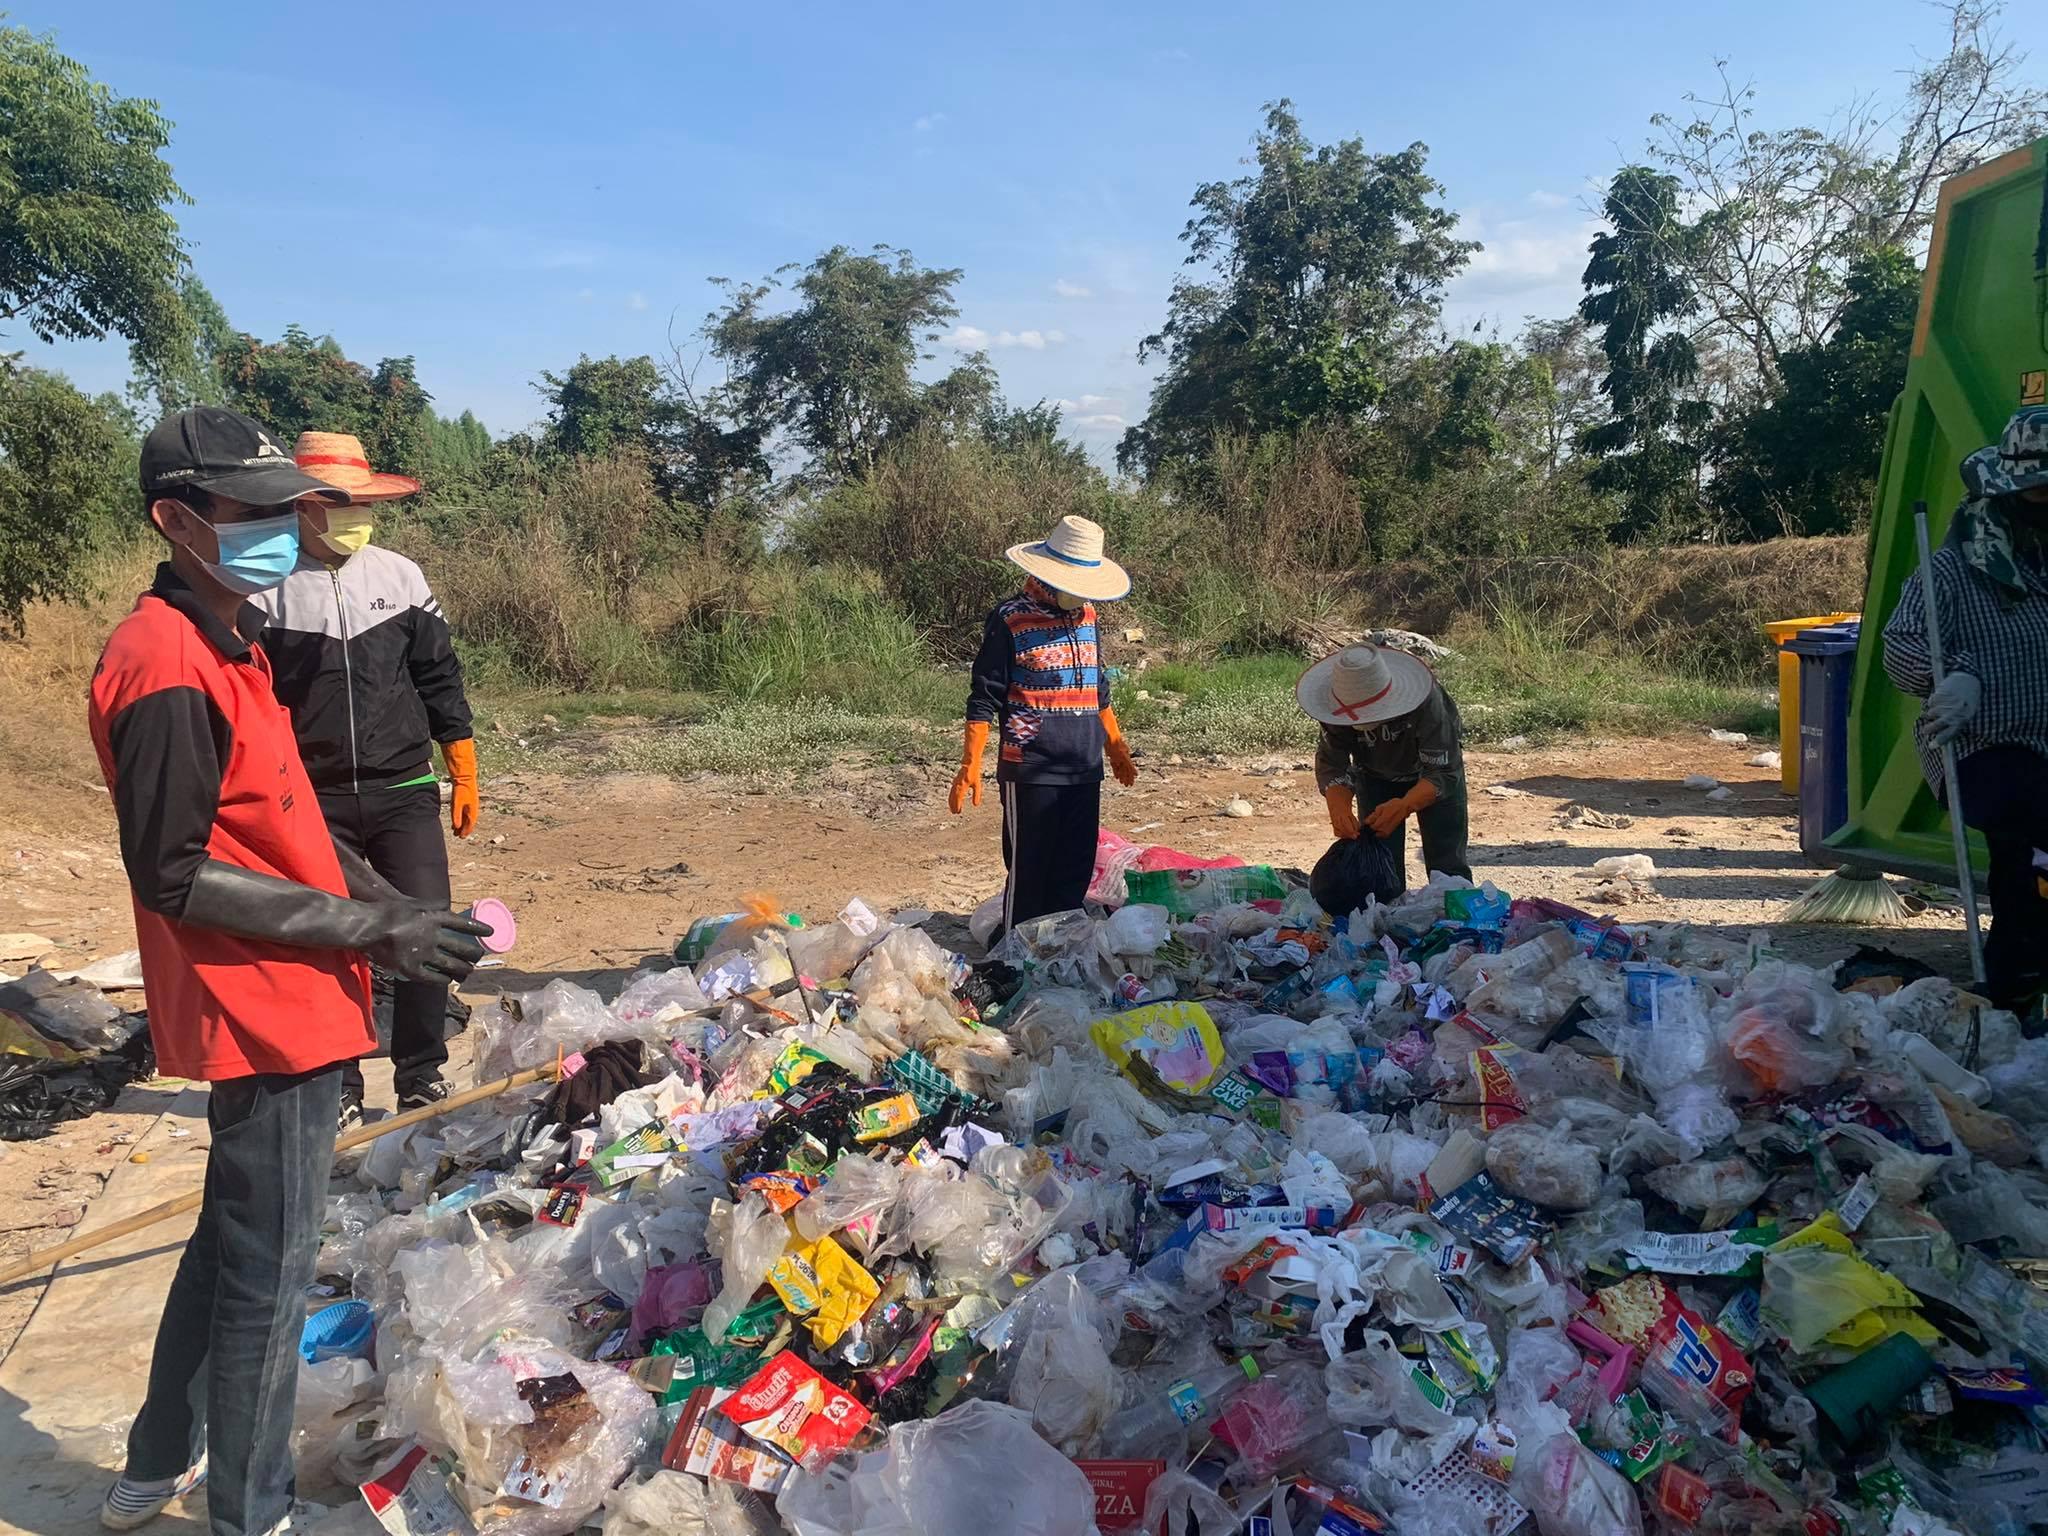 การส่งเสริมการมีส่วนร่วมของชุมชนในการคัดแยกขยะมูลฝอยที่ต้นทางของเทศบาลตำบลบางประมุง อำเภอโกรกพระ จังหวัดนครสวรรค์ (การคัดแยกขยะ ครั้งที่2)